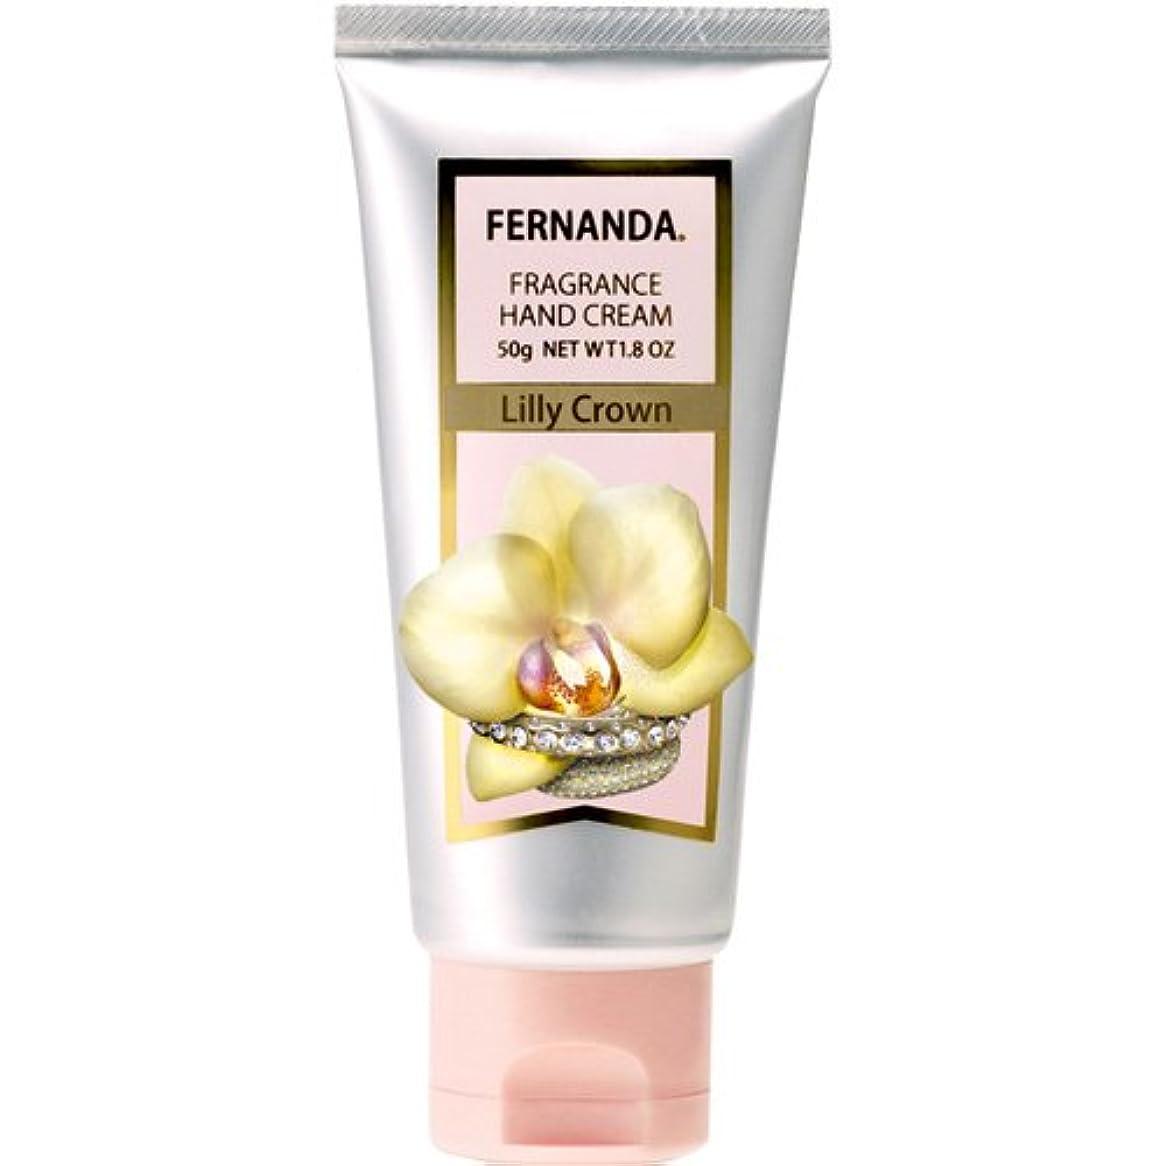 慢性的精巧な転用FERNANDA(フェルナンダ) Hand Cream Lilly Crown (ハンドクリーム リリークラウン)